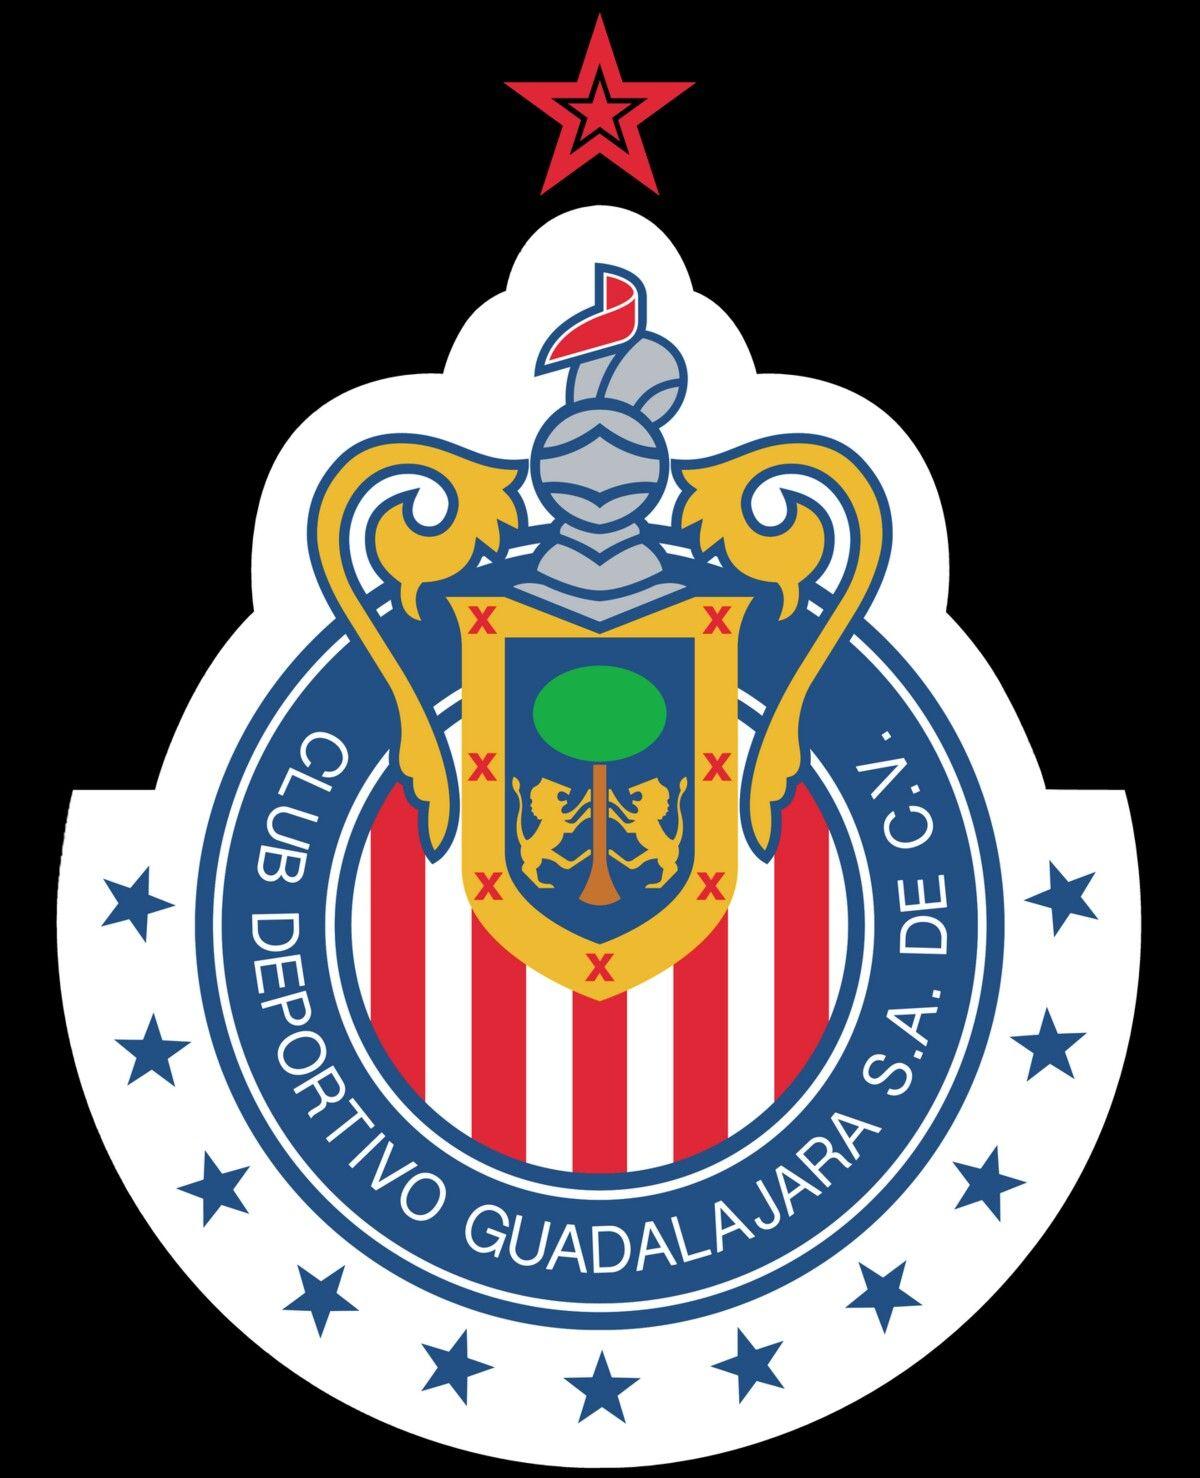 Chivas 12 Estrellas Chivas de guadalajara, Chivas